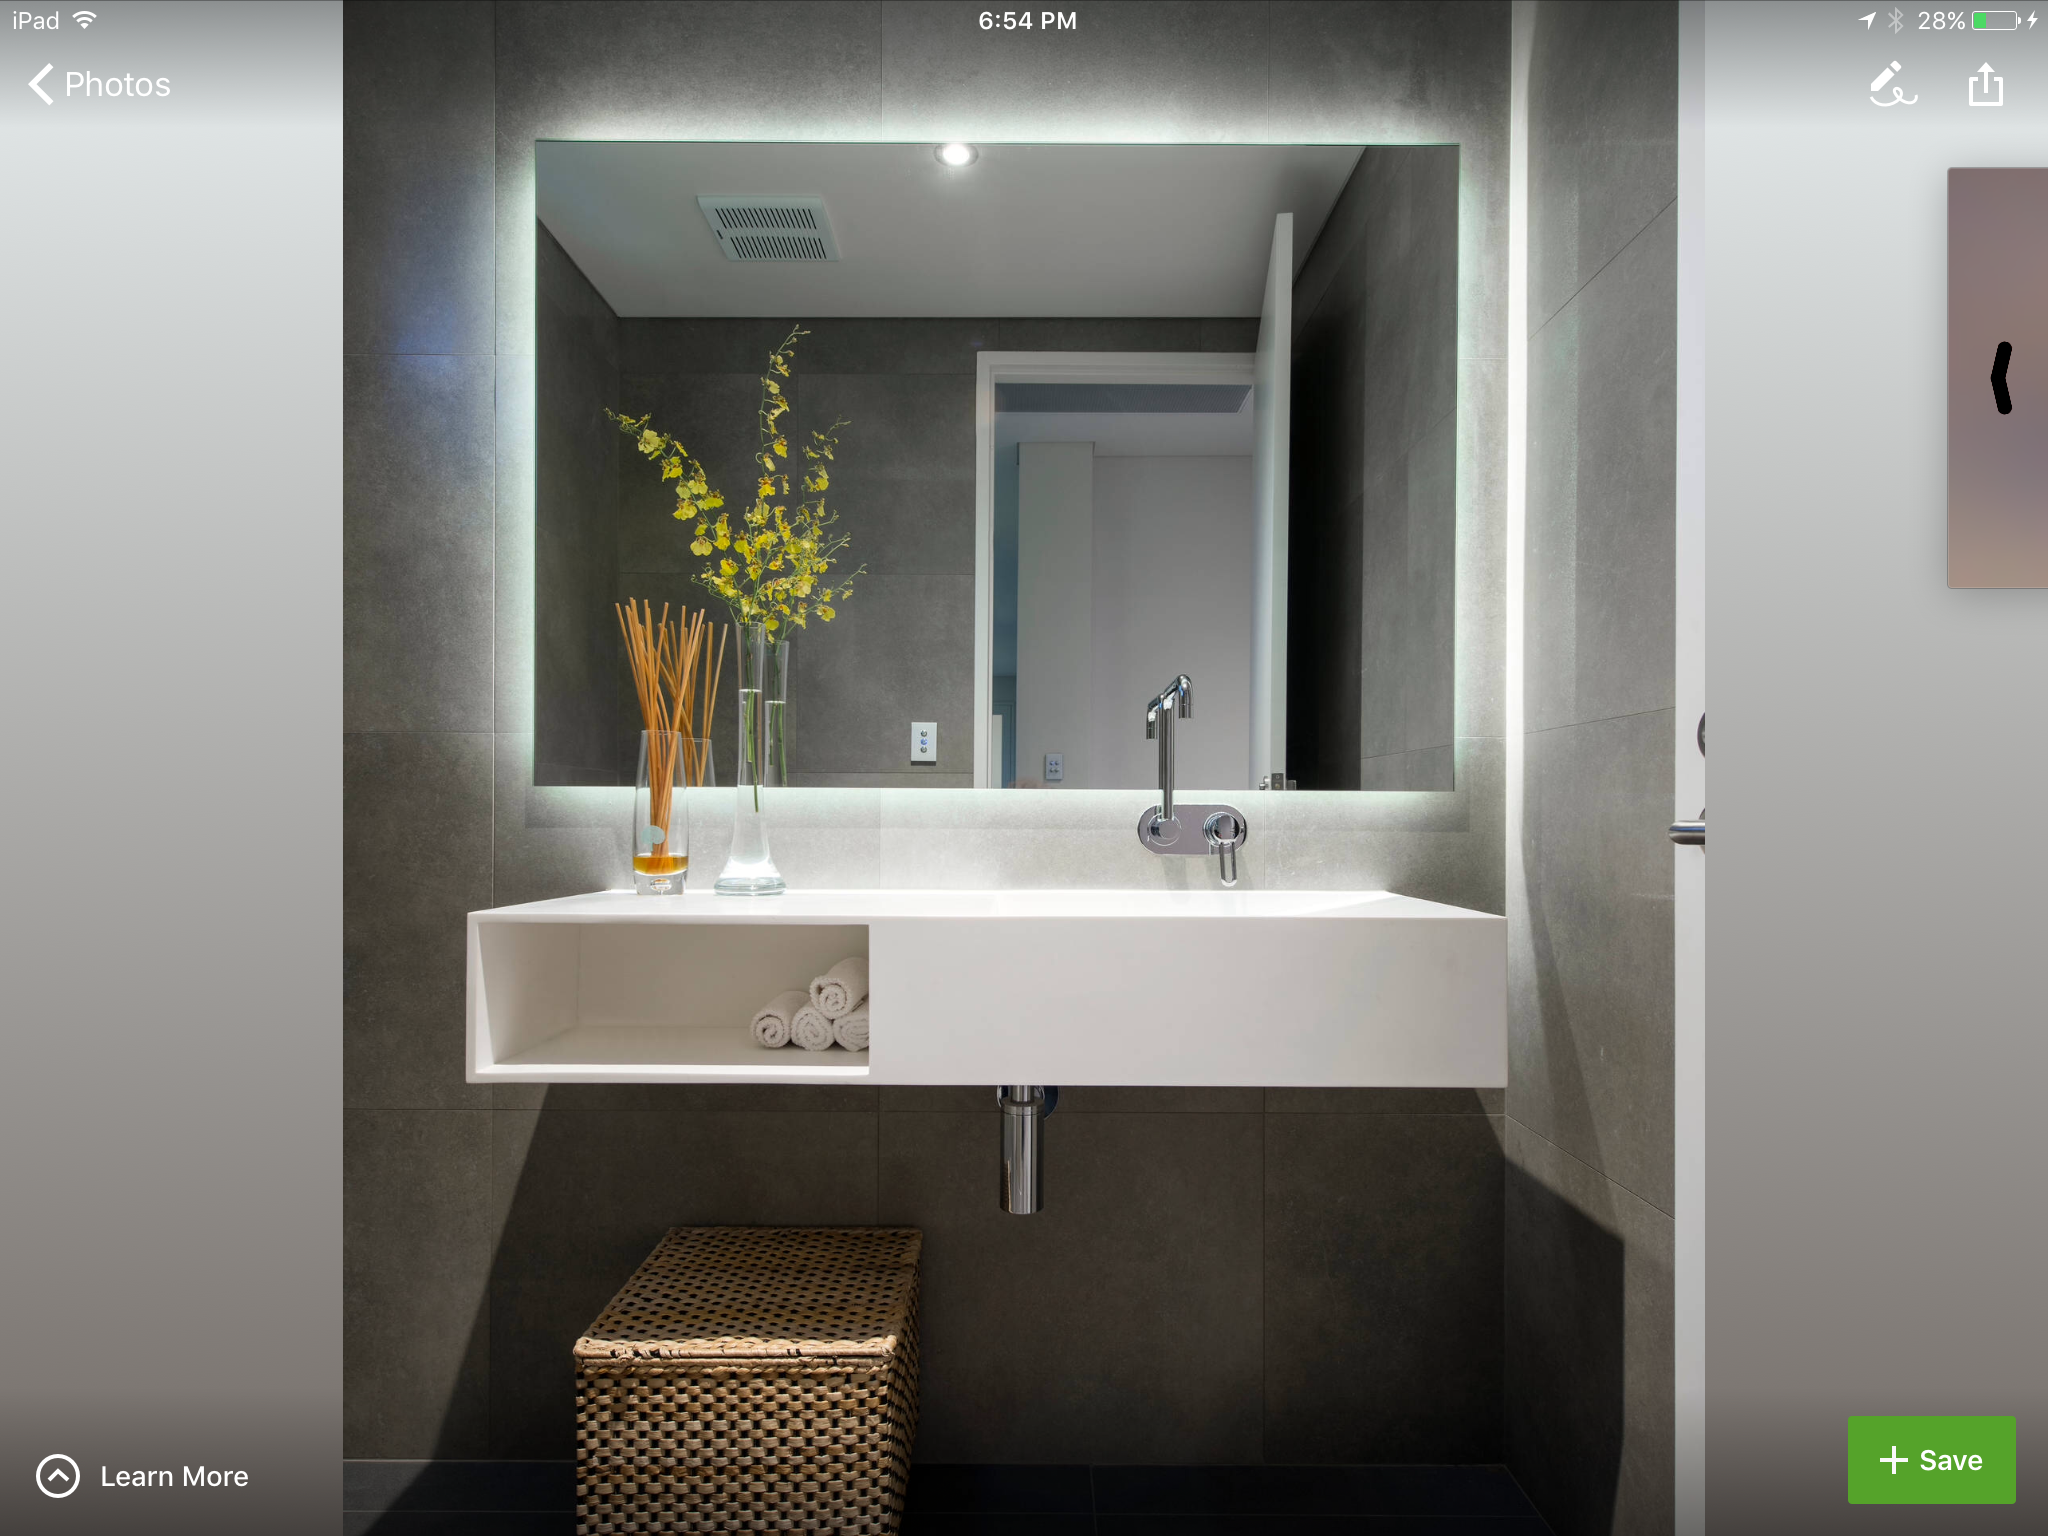 Lavandini Da Bagno Moderni : Pin di serena dellaca su bagno bagno